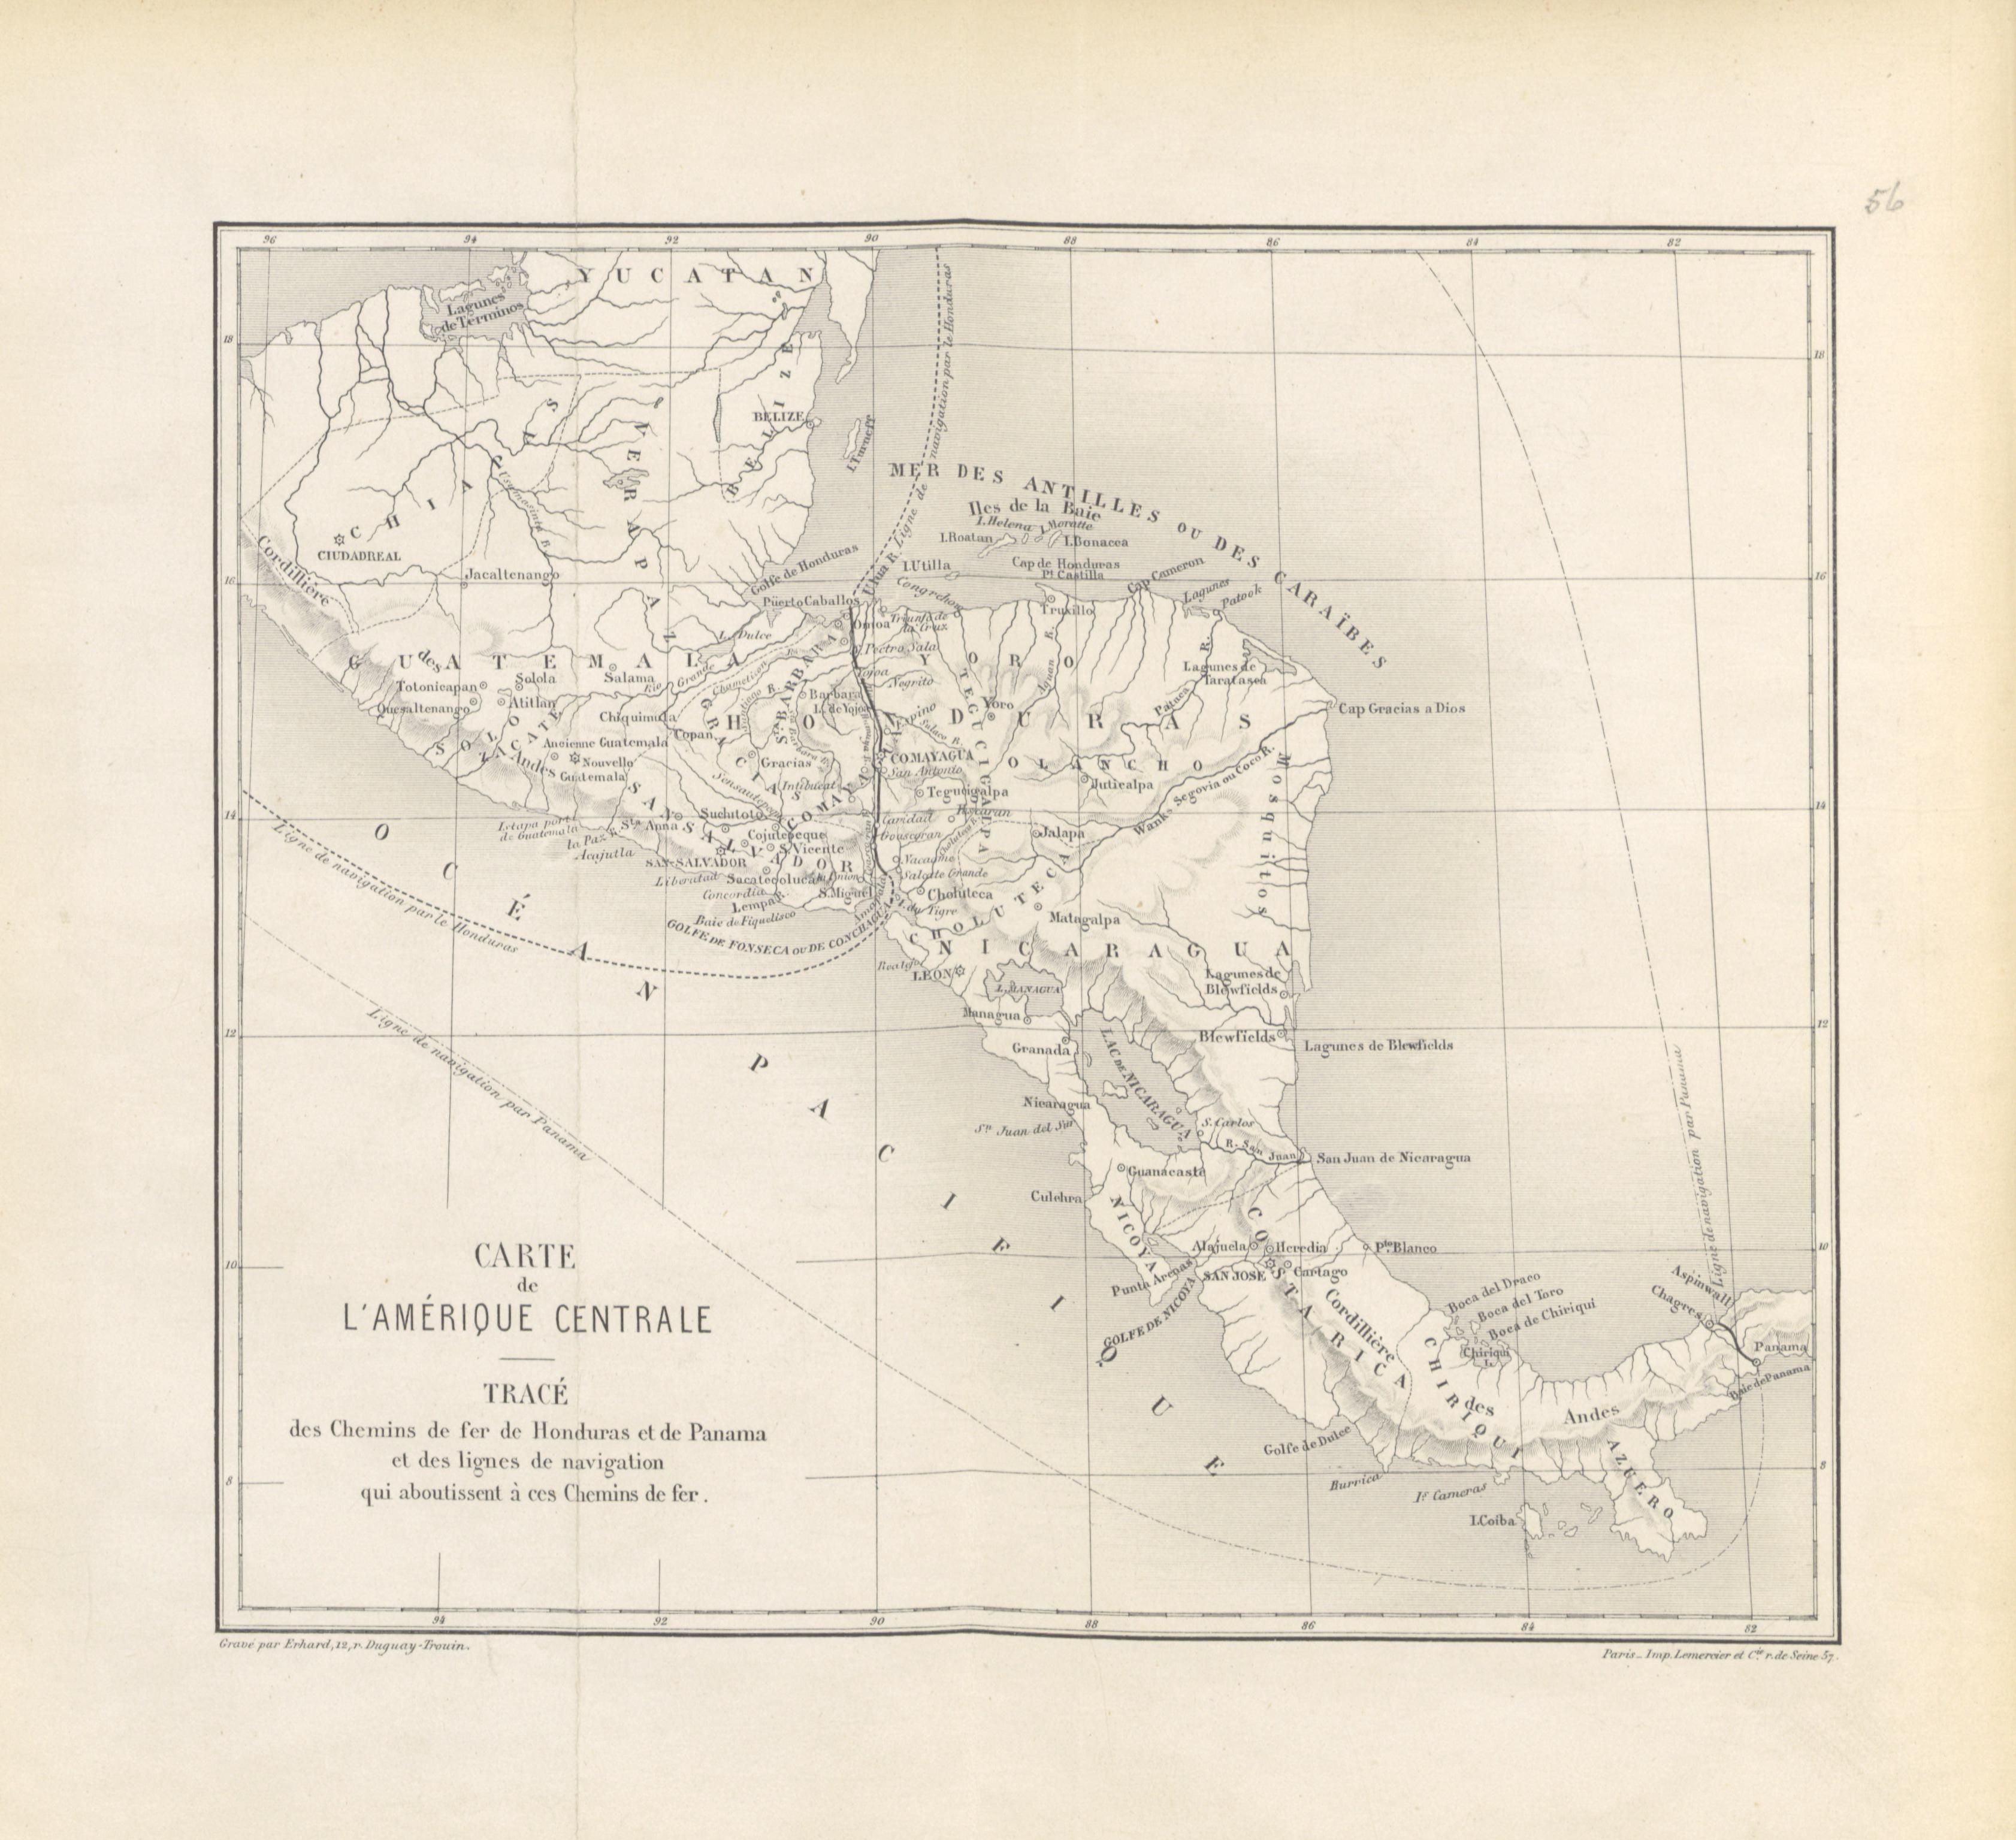 1866_map_of_Central_America_from_Une_voie_nouvelle_%C3%A0_tavers_l%27Am%C3%A9rique_Centrale.jpg